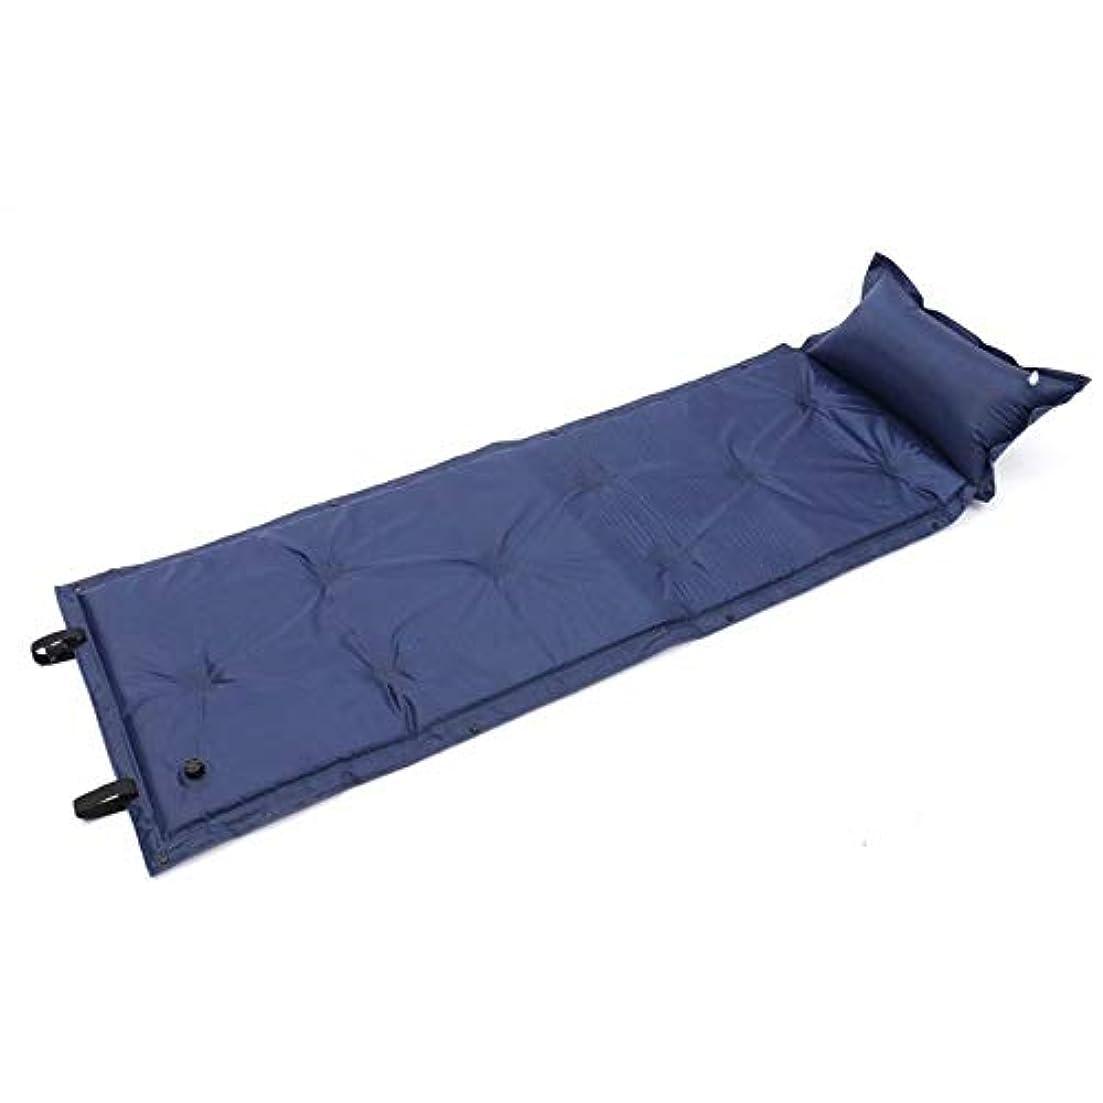 前任者不合格事務所BeTyd 防水?防湿、キャンプ用マットレスエアマットレス自動膨張式寝袋枕、アウトドアキャンプに最適、ハイキング、ビーチ、ヤードレストブルー